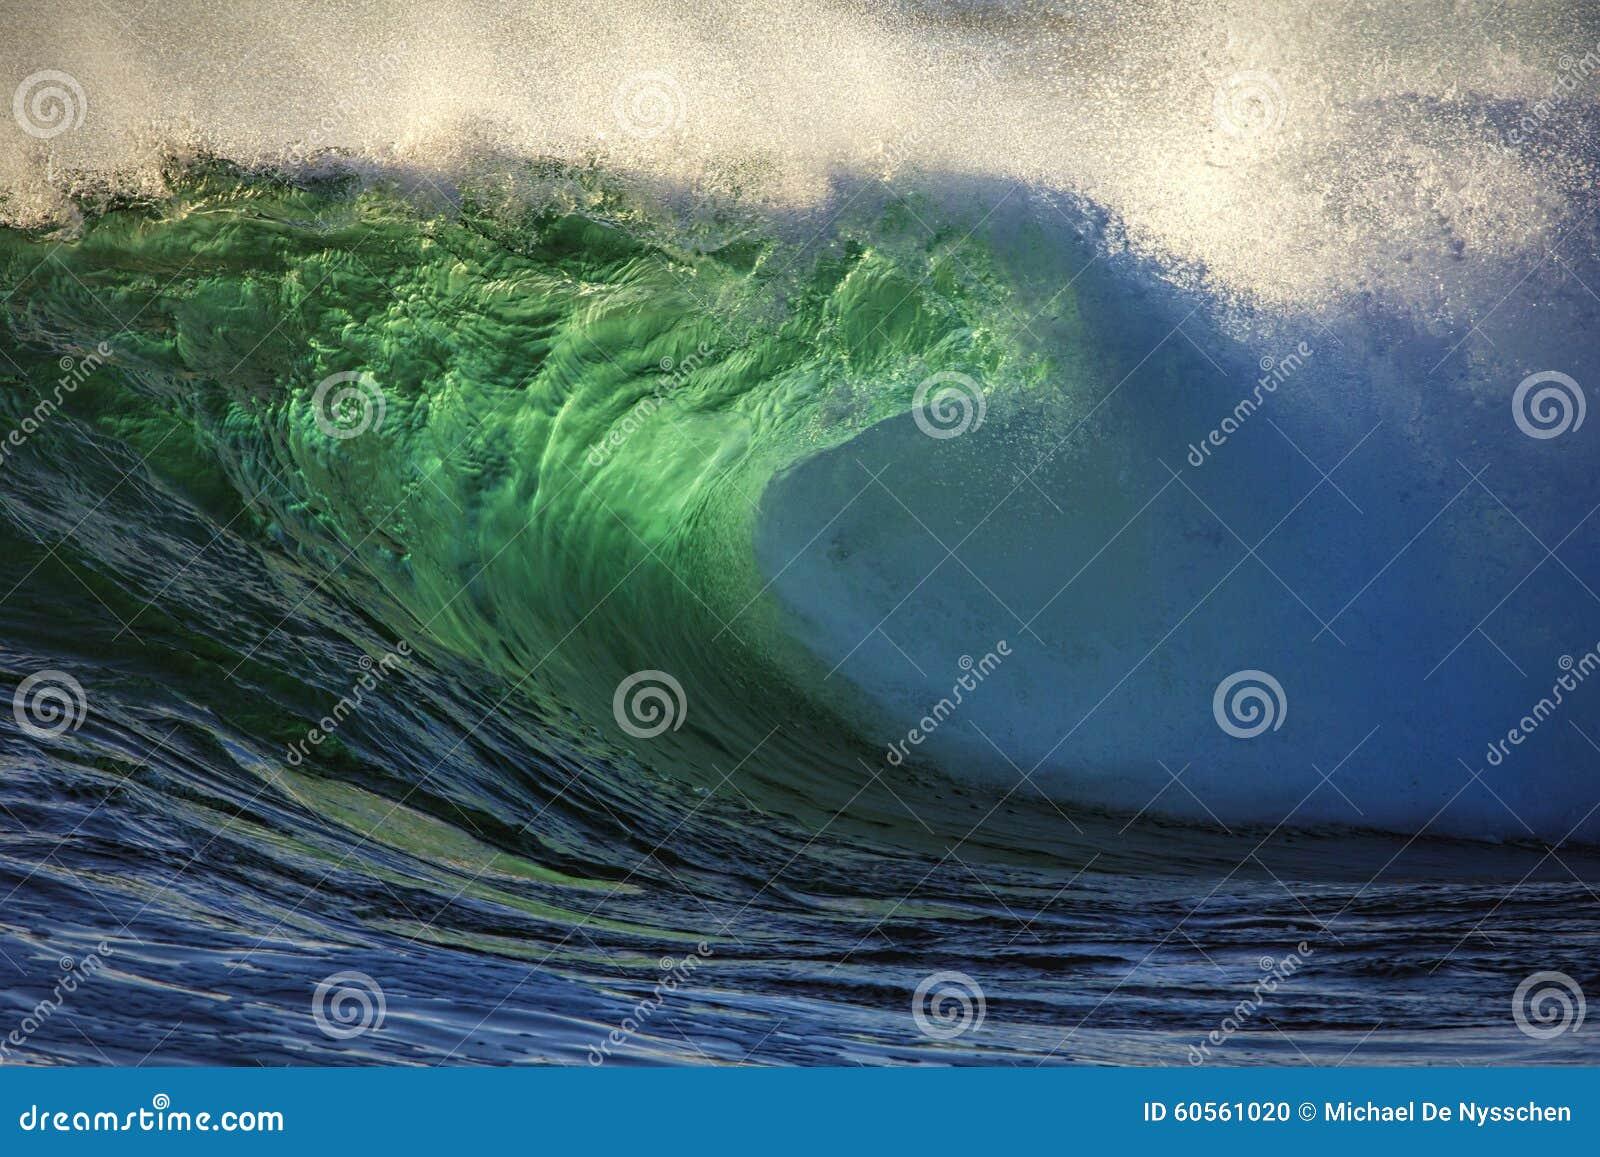 Ocean wave colour